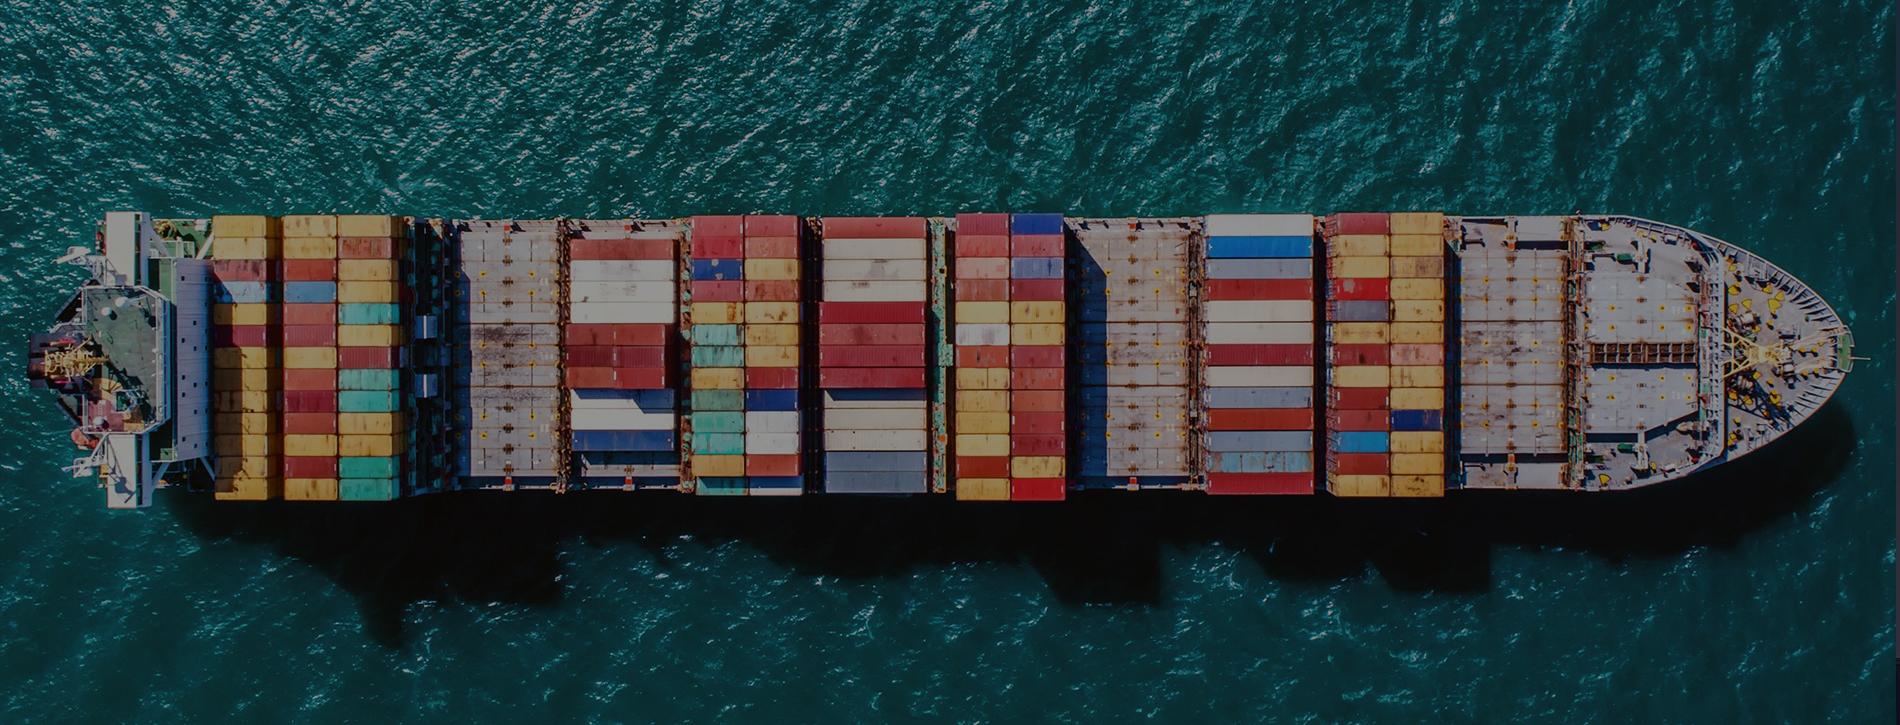 خدمات الشحن البحري من وإلى الإمارات العربية المتحدة